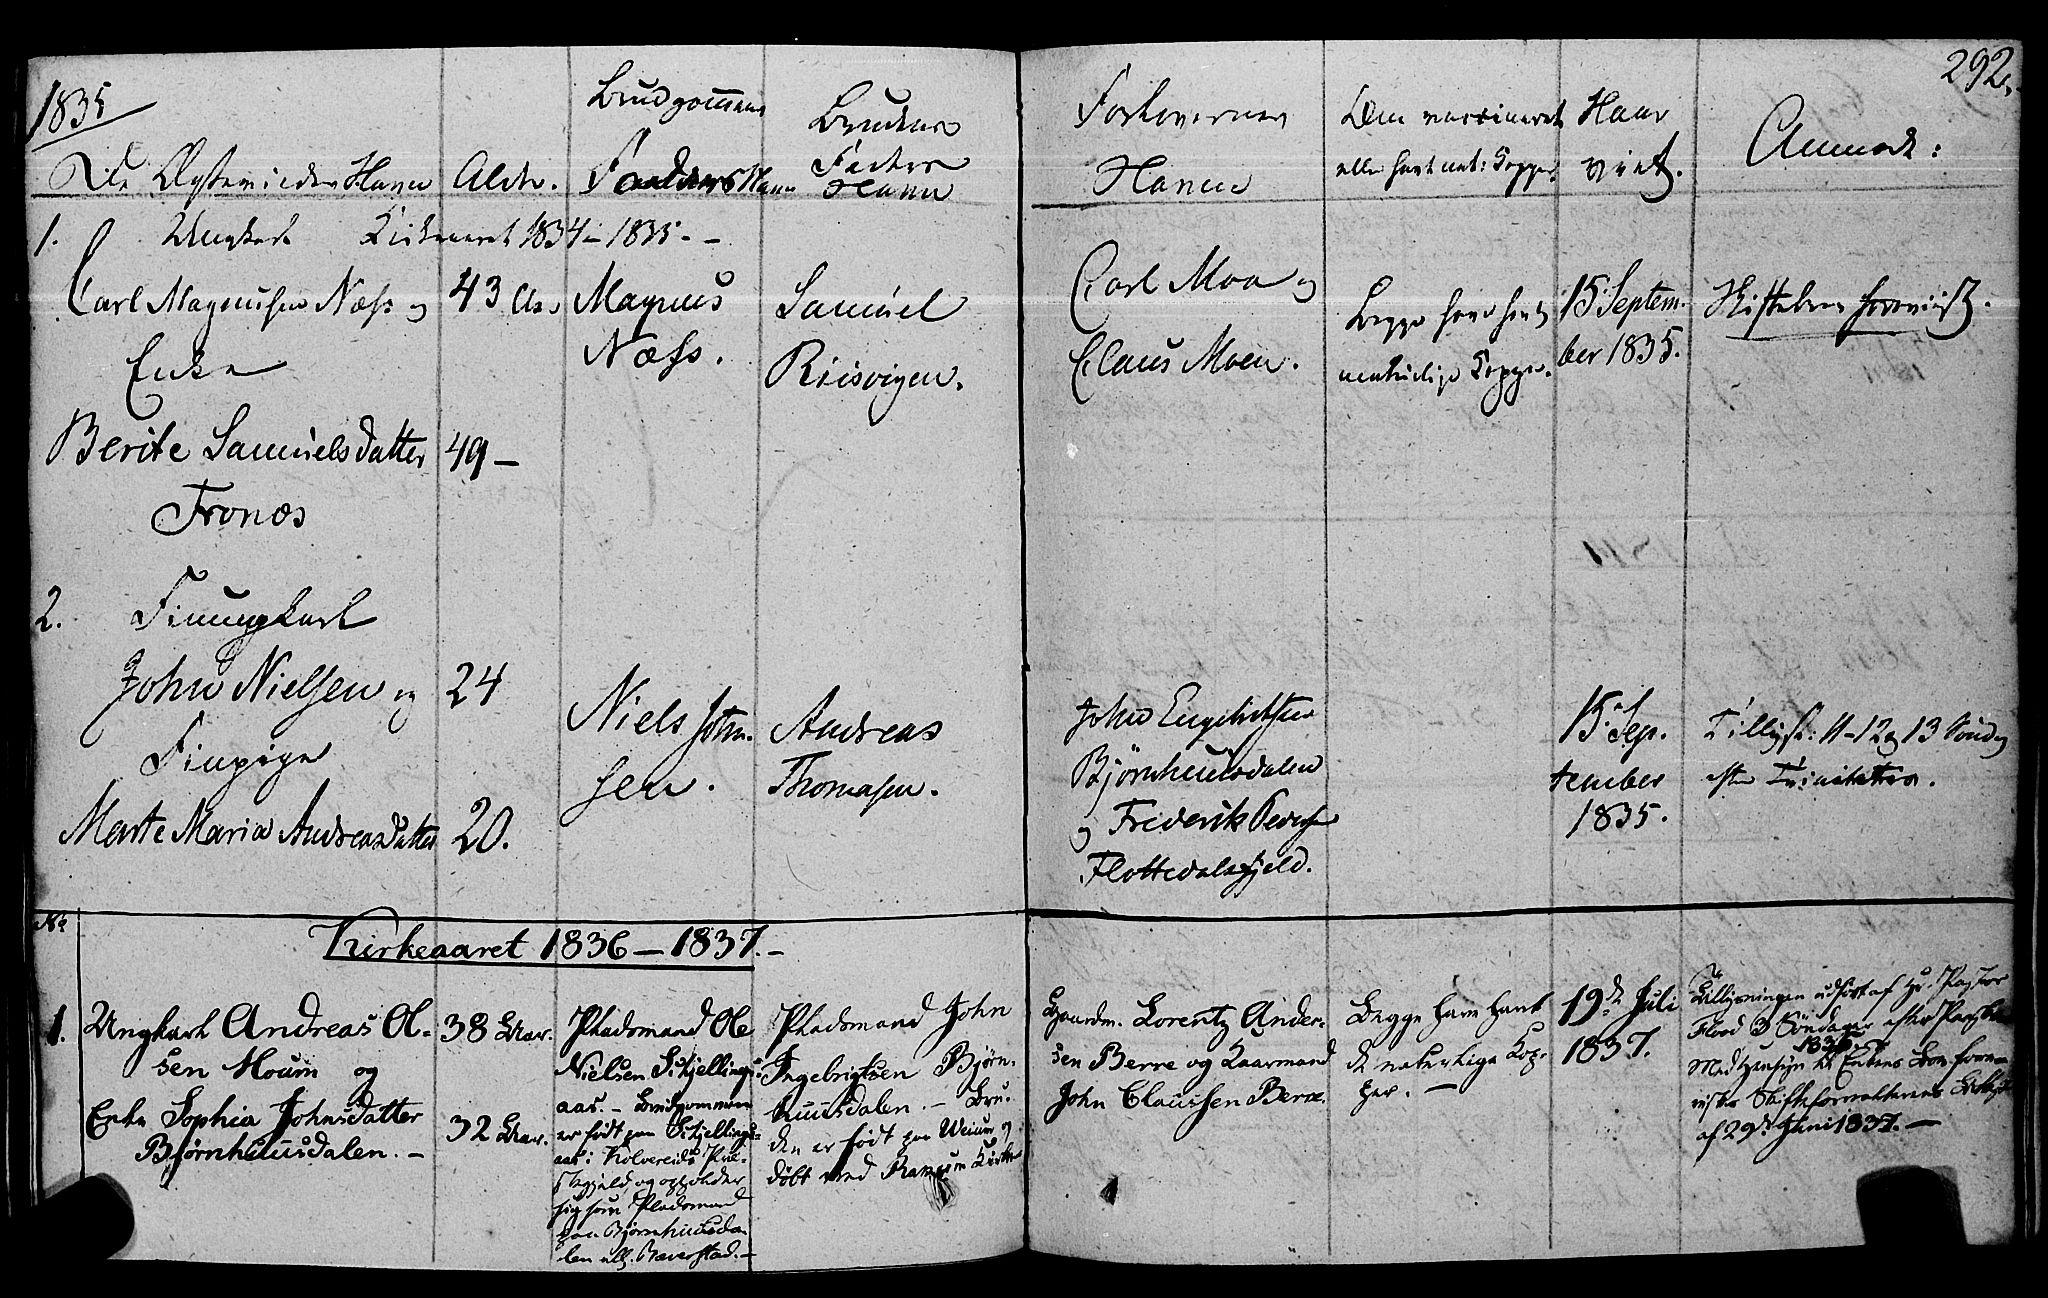 SAT, Ministerialprotokoller, klokkerbøker og fødselsregistre - Nord-Trøndelag, 762/L0538: Ministerialbok nr. 762A02 /2, 1833-1879, s. 292